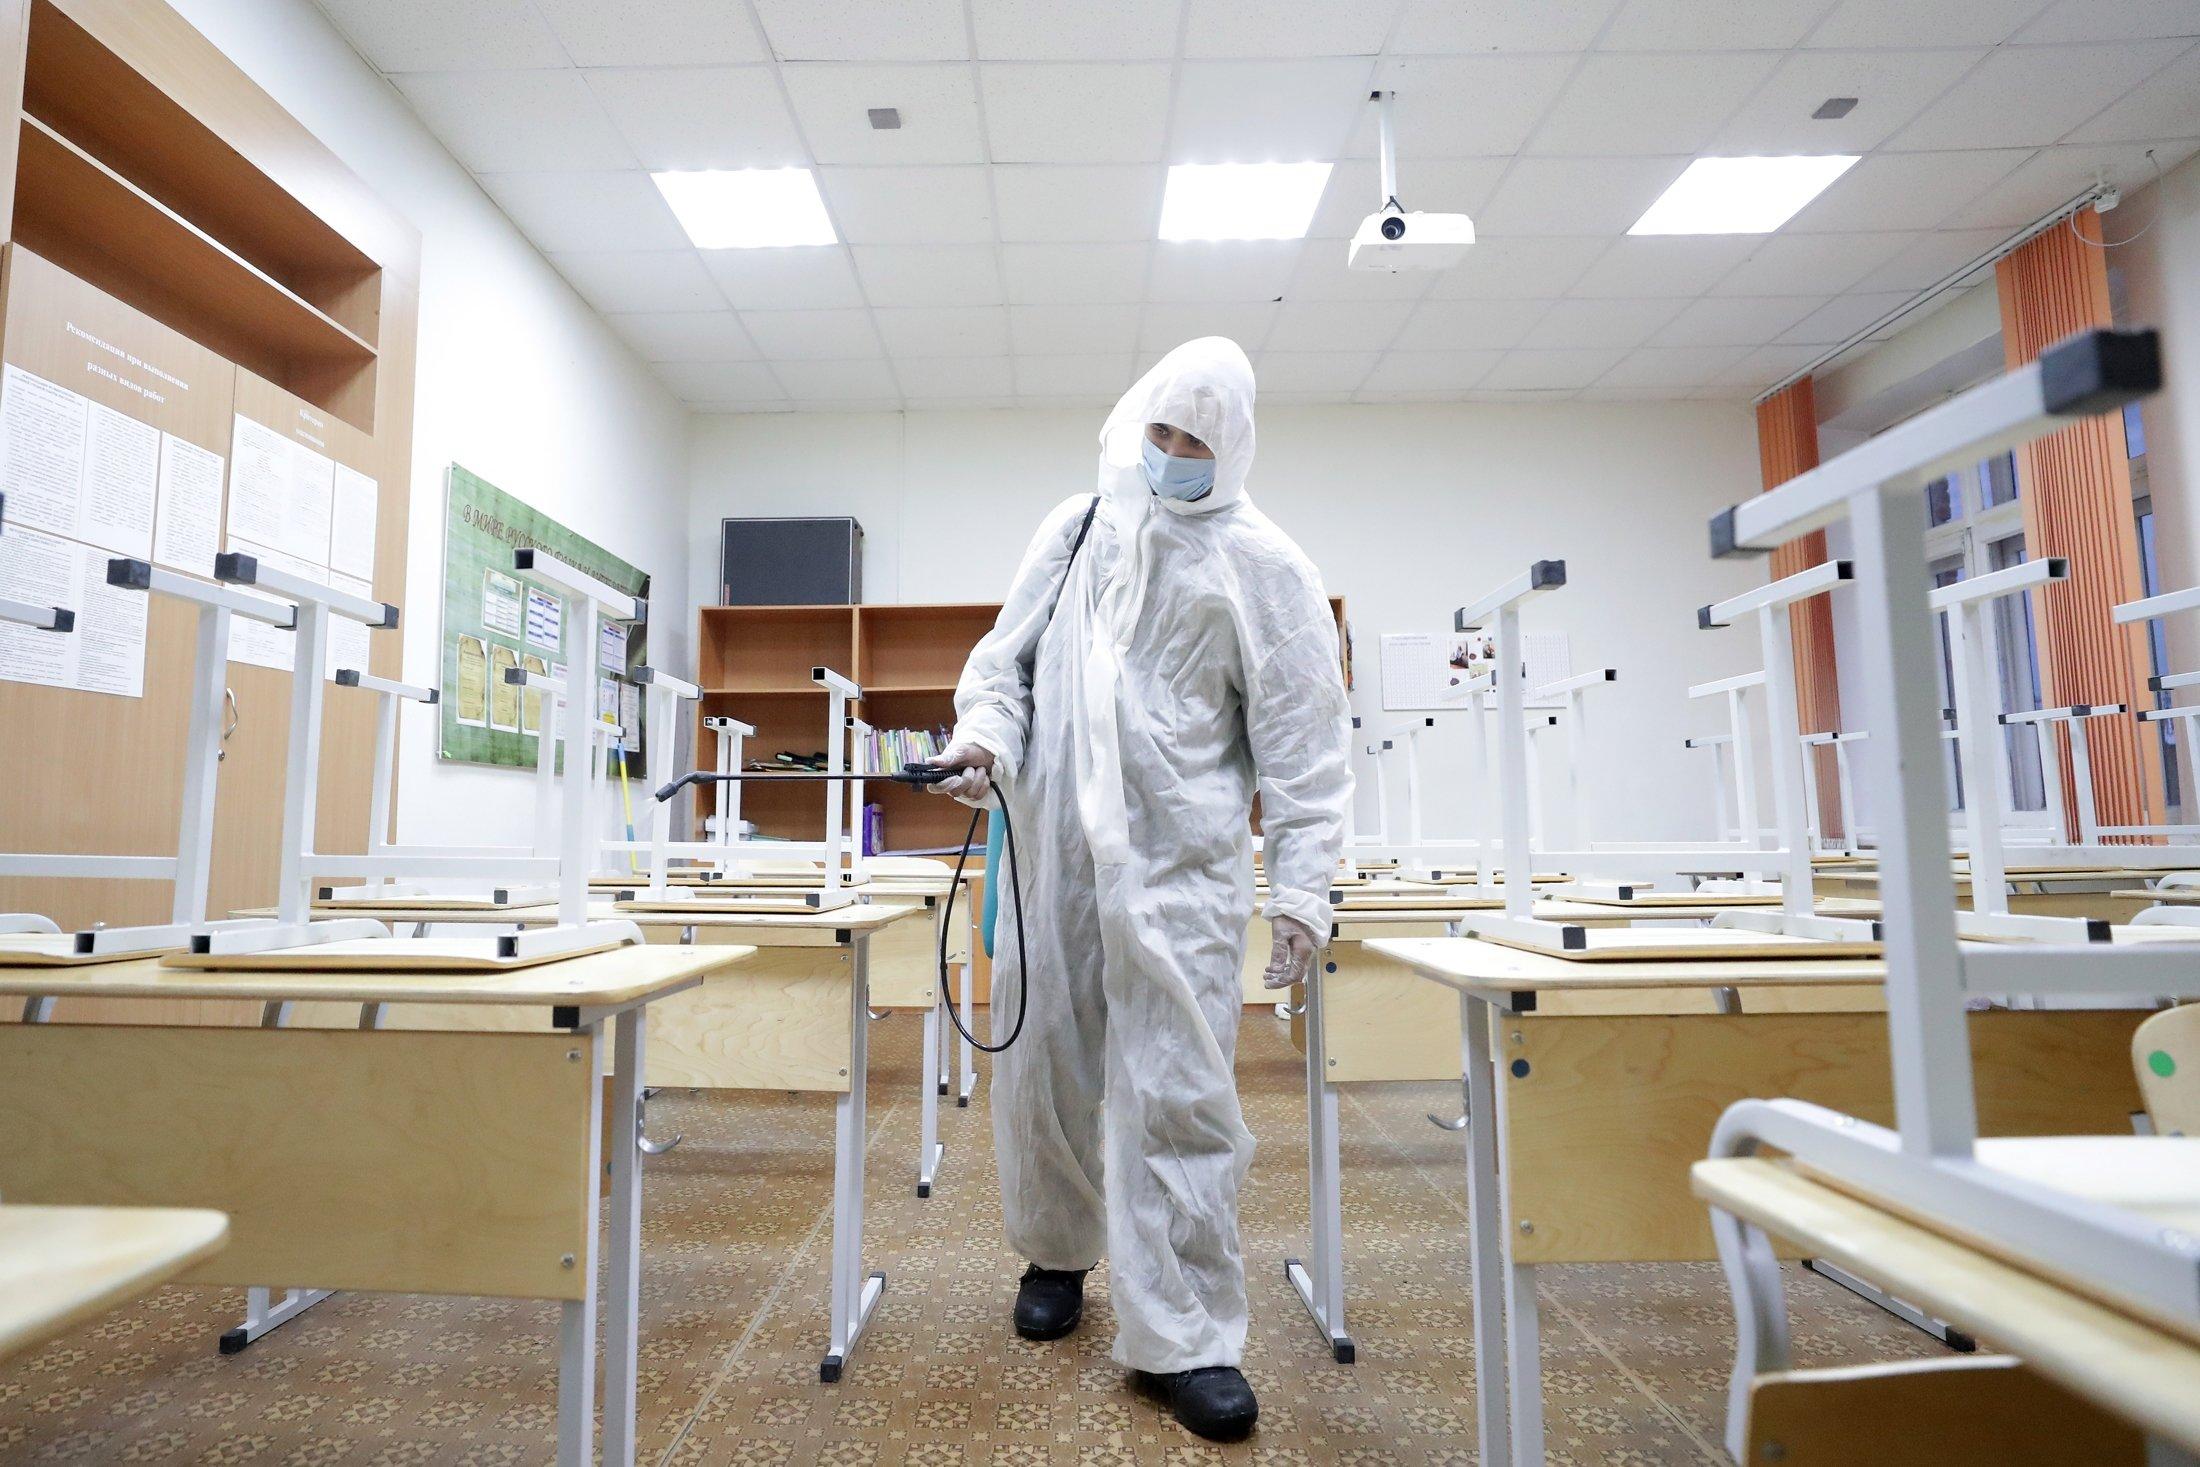 Роспотребнадзор продлил санитарные требования в школах до 2022 года